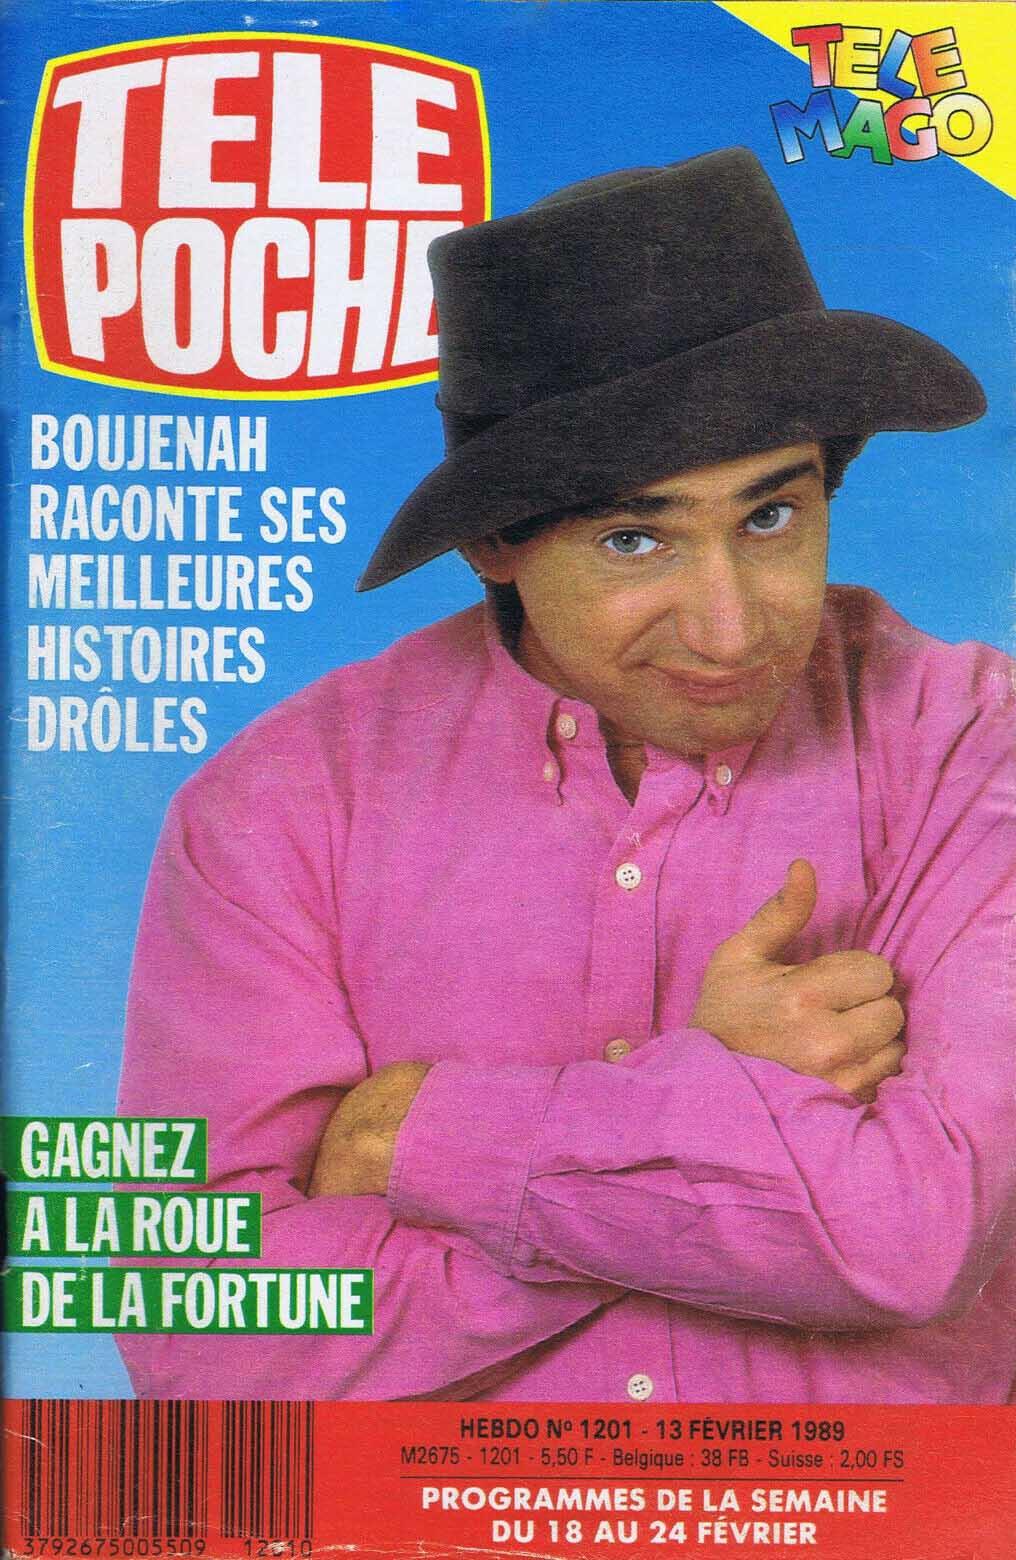 18 au 24 février 1989